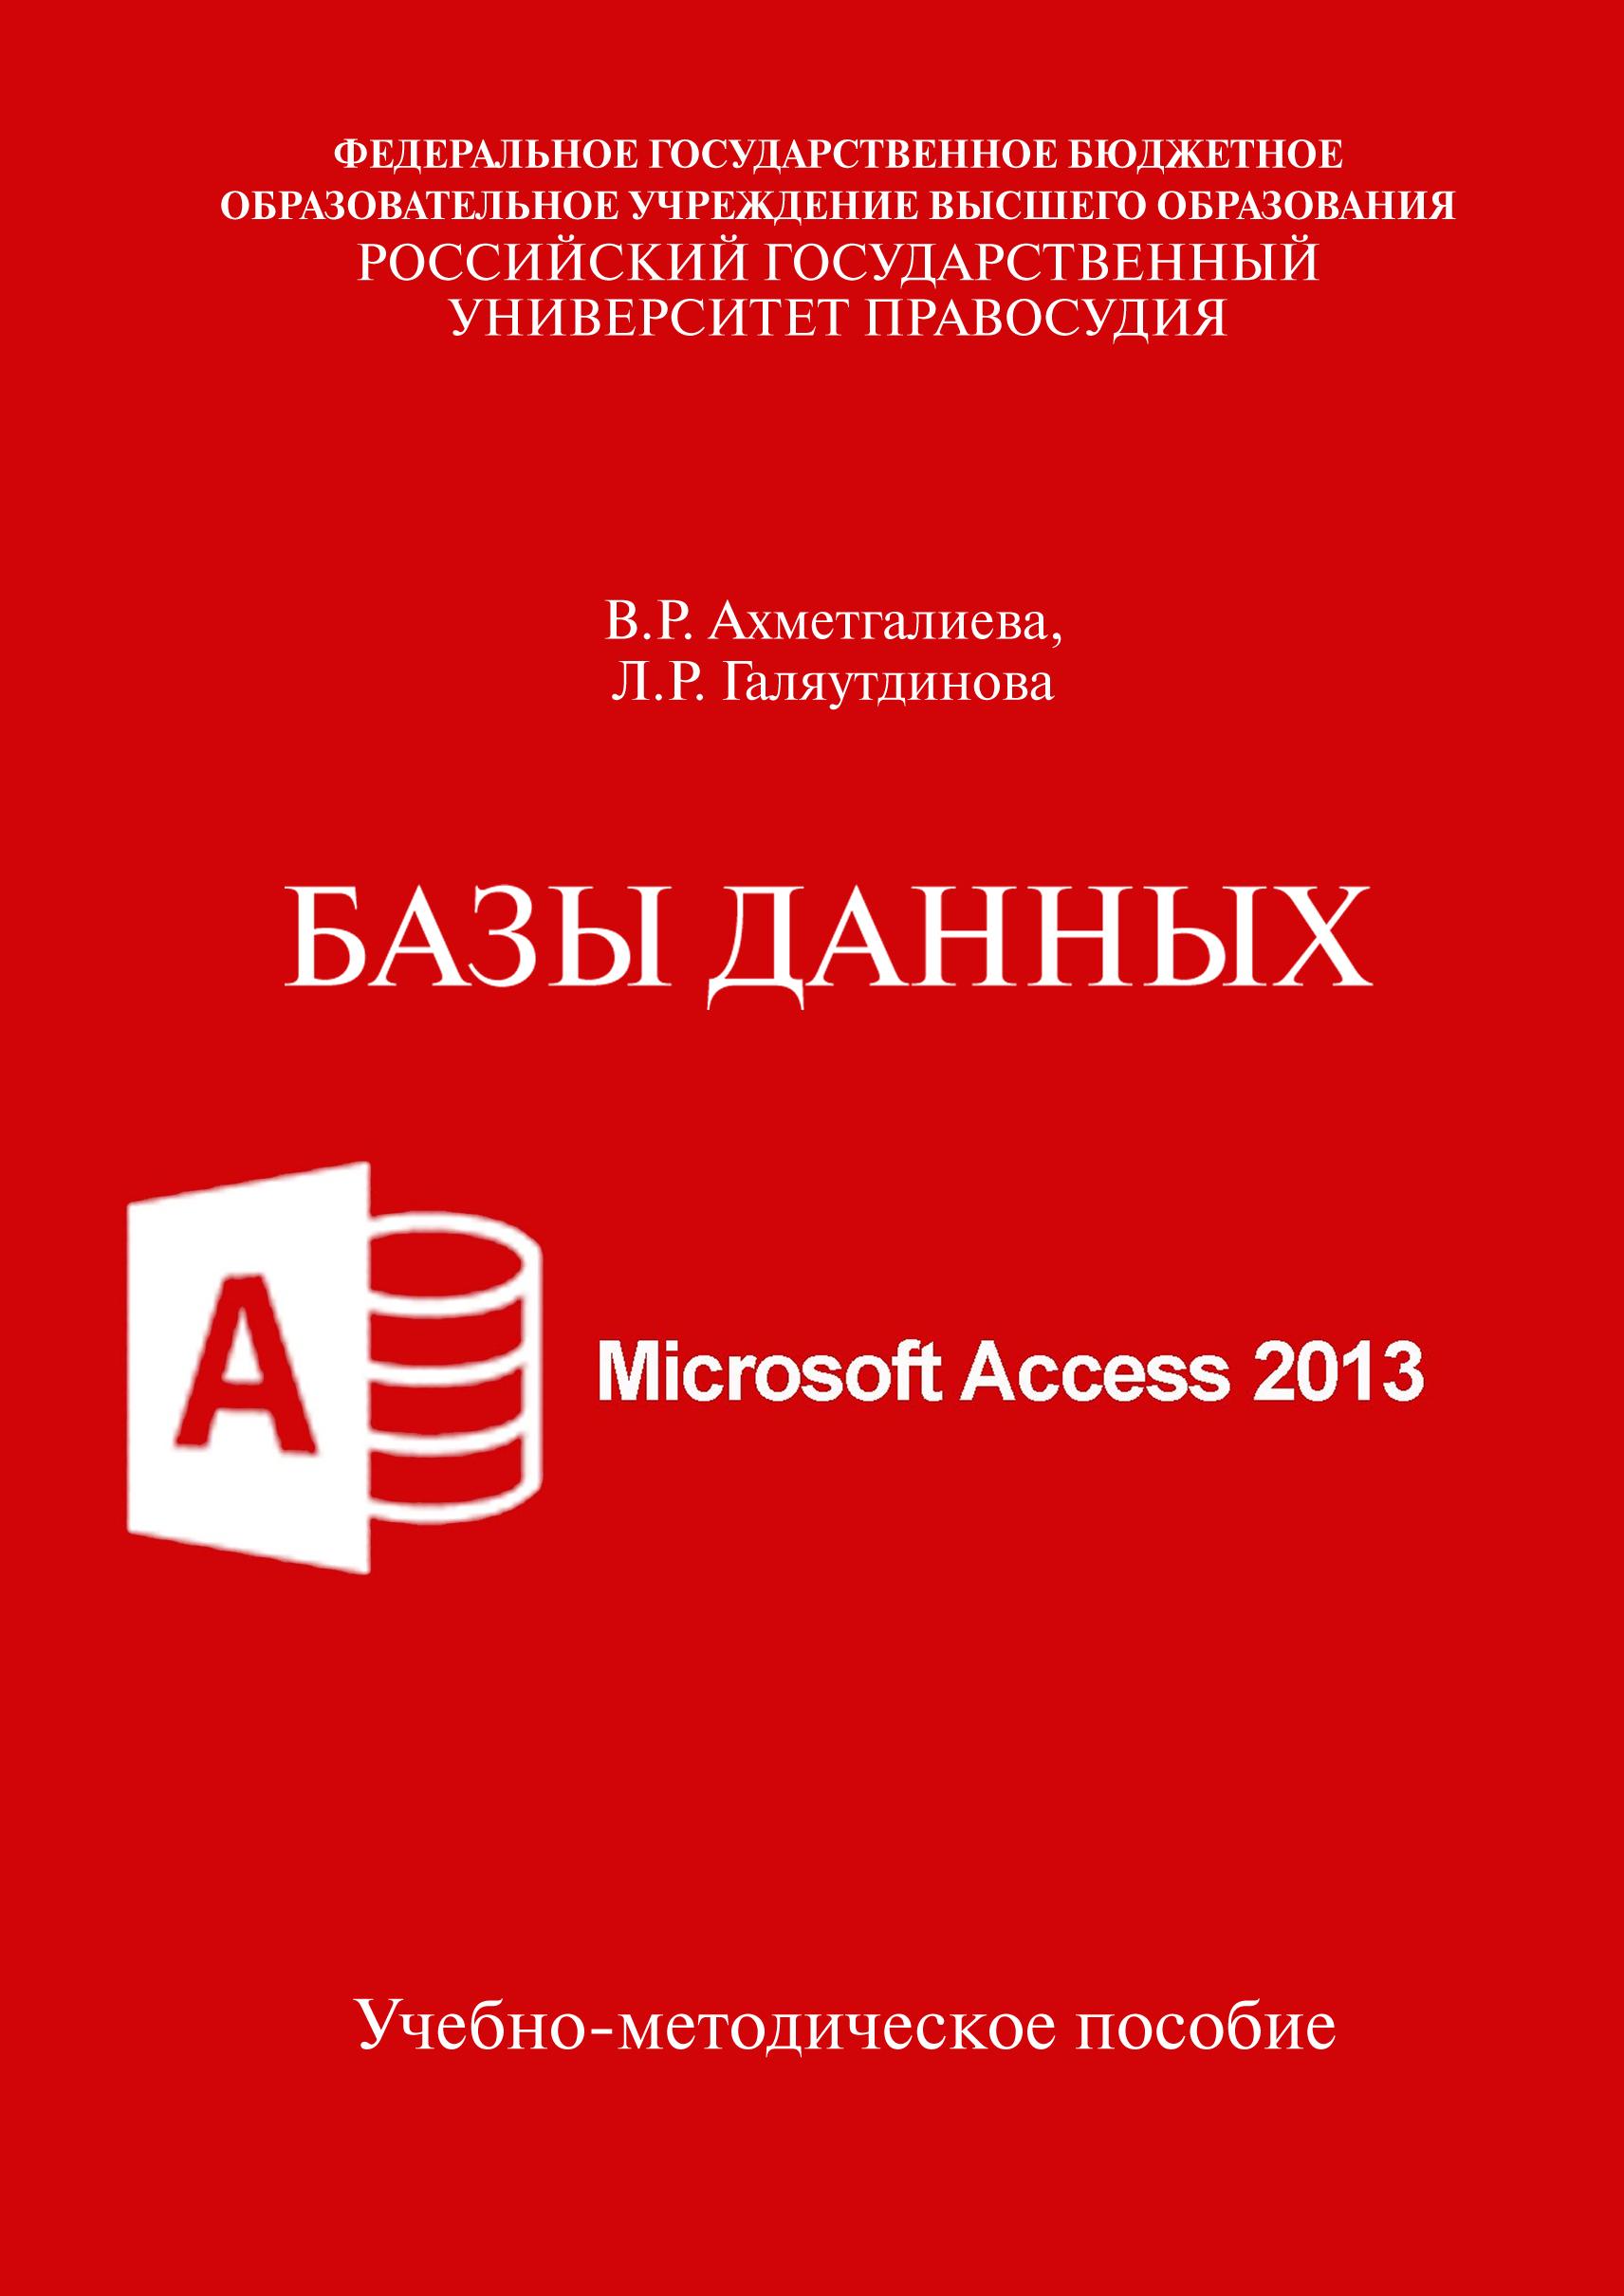 В. Р. Ахметгалиева Базы данных. Microsoft Access 2013. Учебно-методическое пособие сенько а в работа с bigdata в облаках обработка и хранение данных с примерами из microsoft azure